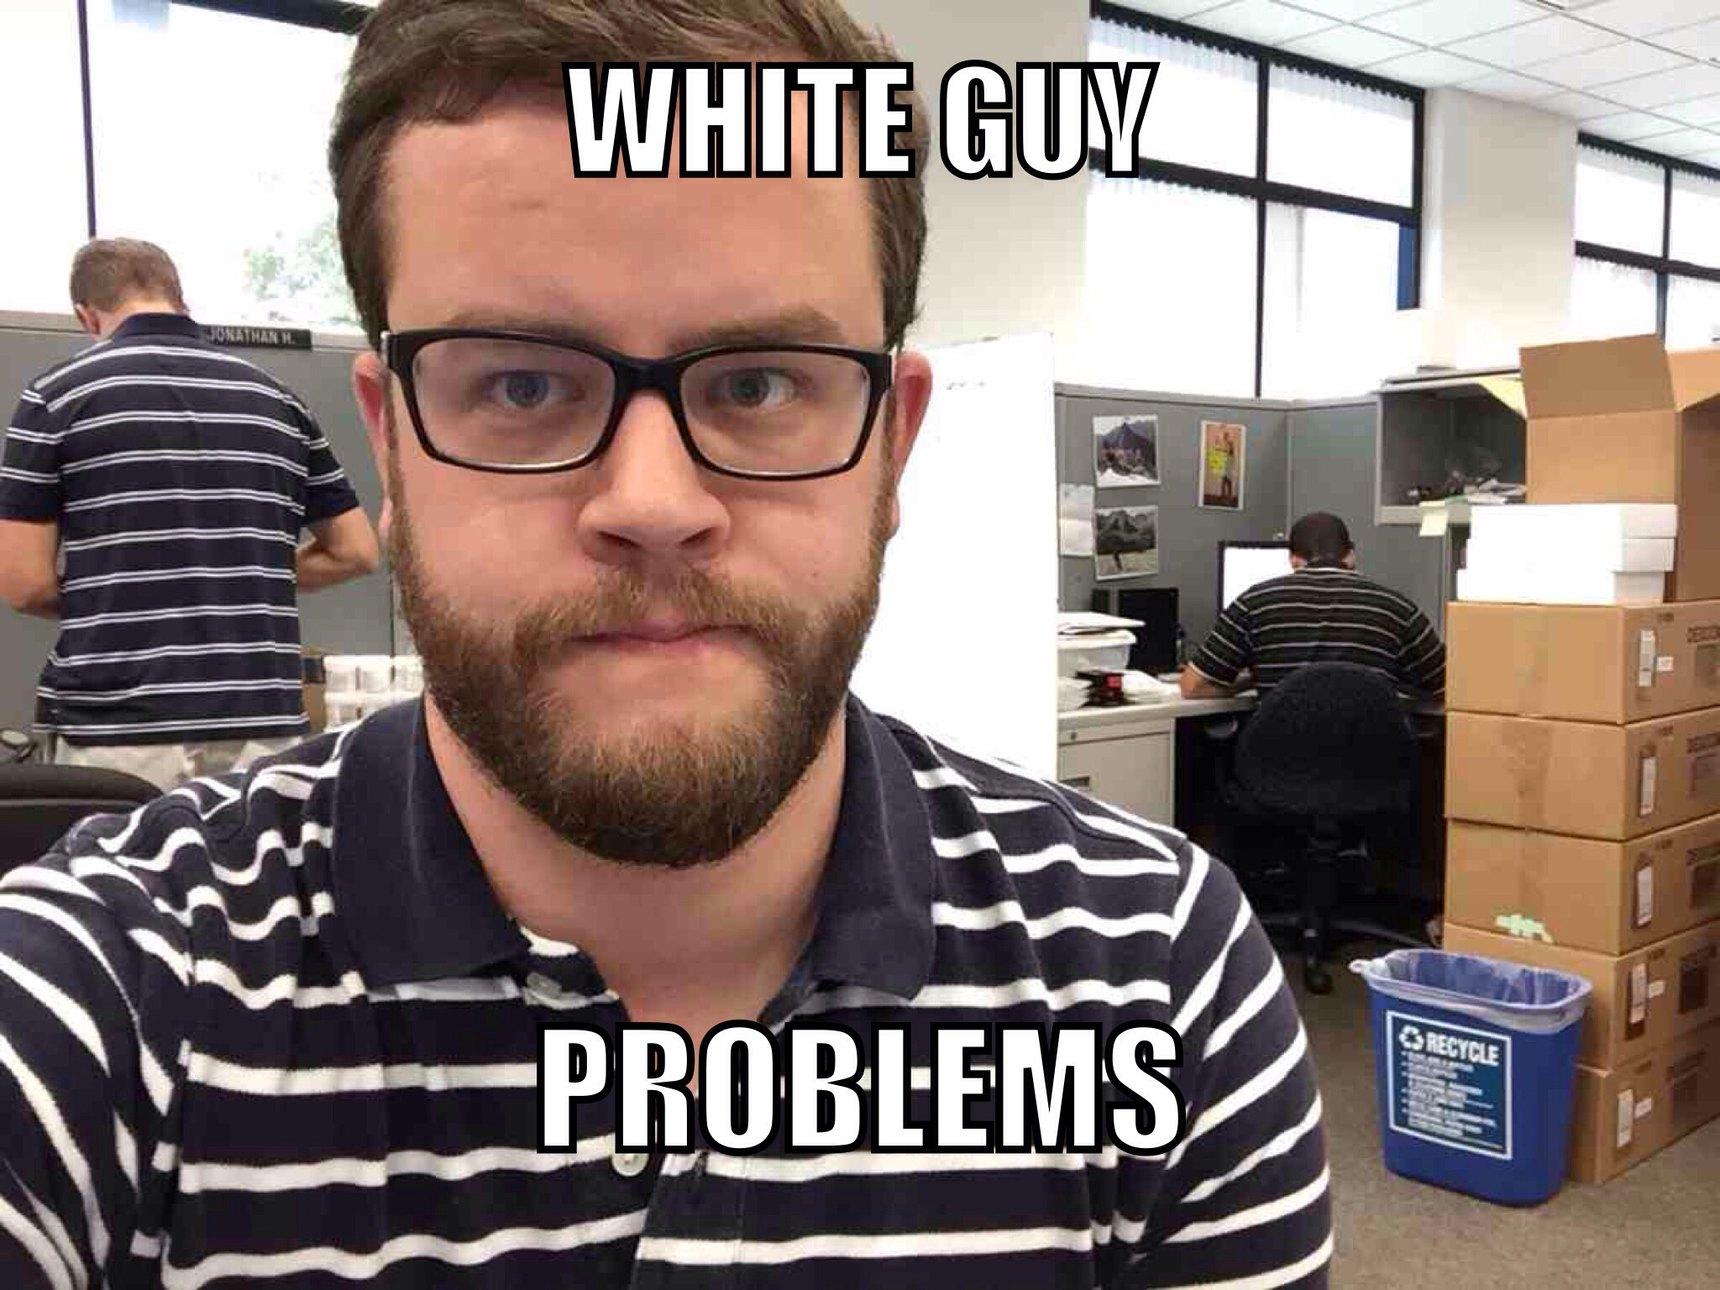 White guy probs - meme